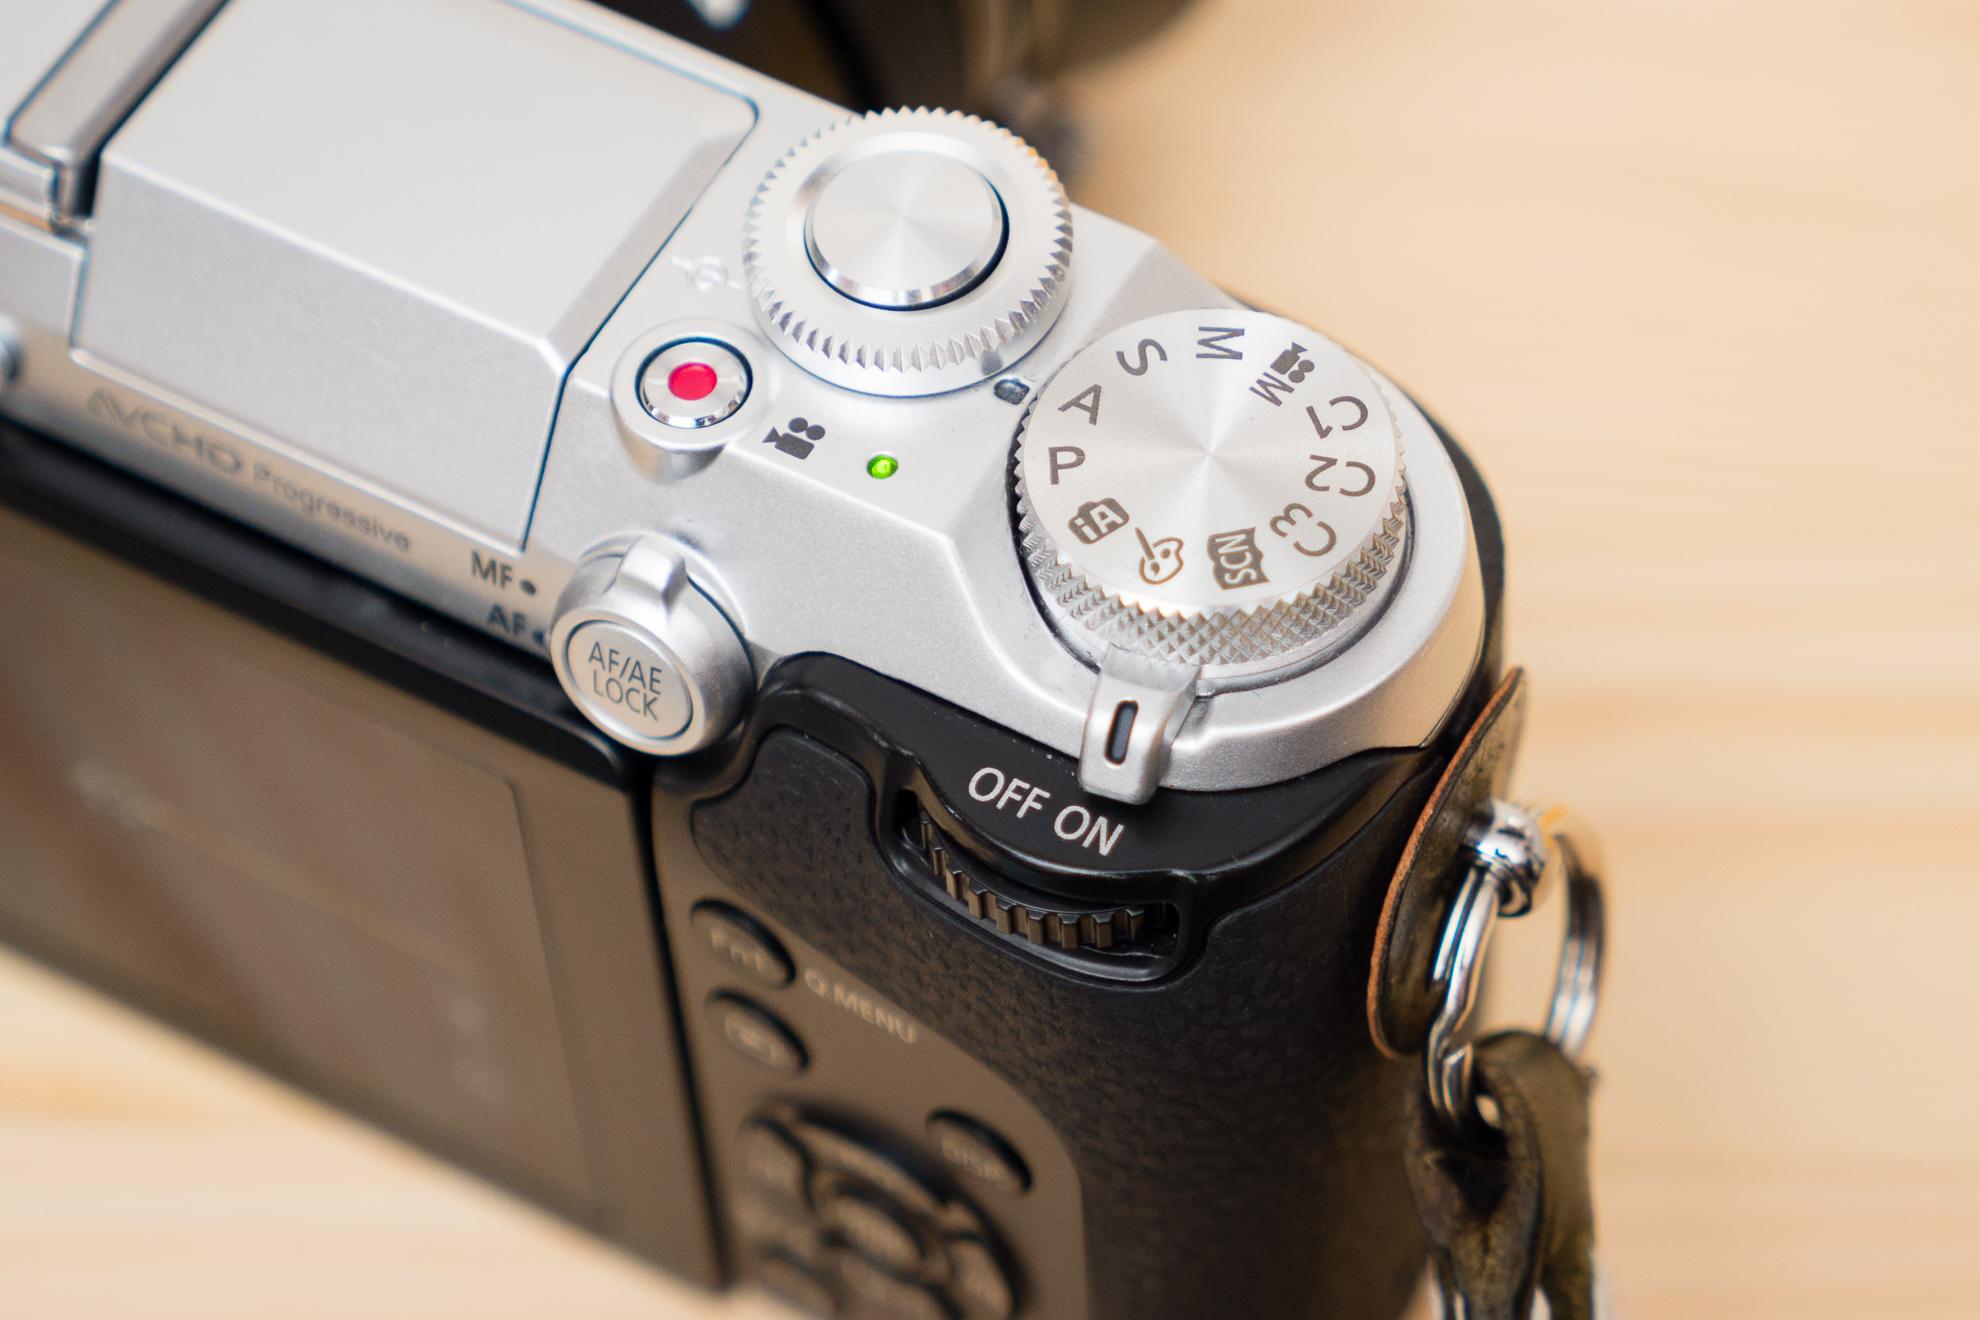 プログラムオート(P)って何?絞り優先(A・Av)・シャッタースピード優先(S・Tv)、カメラのオートモードの違いと使い方